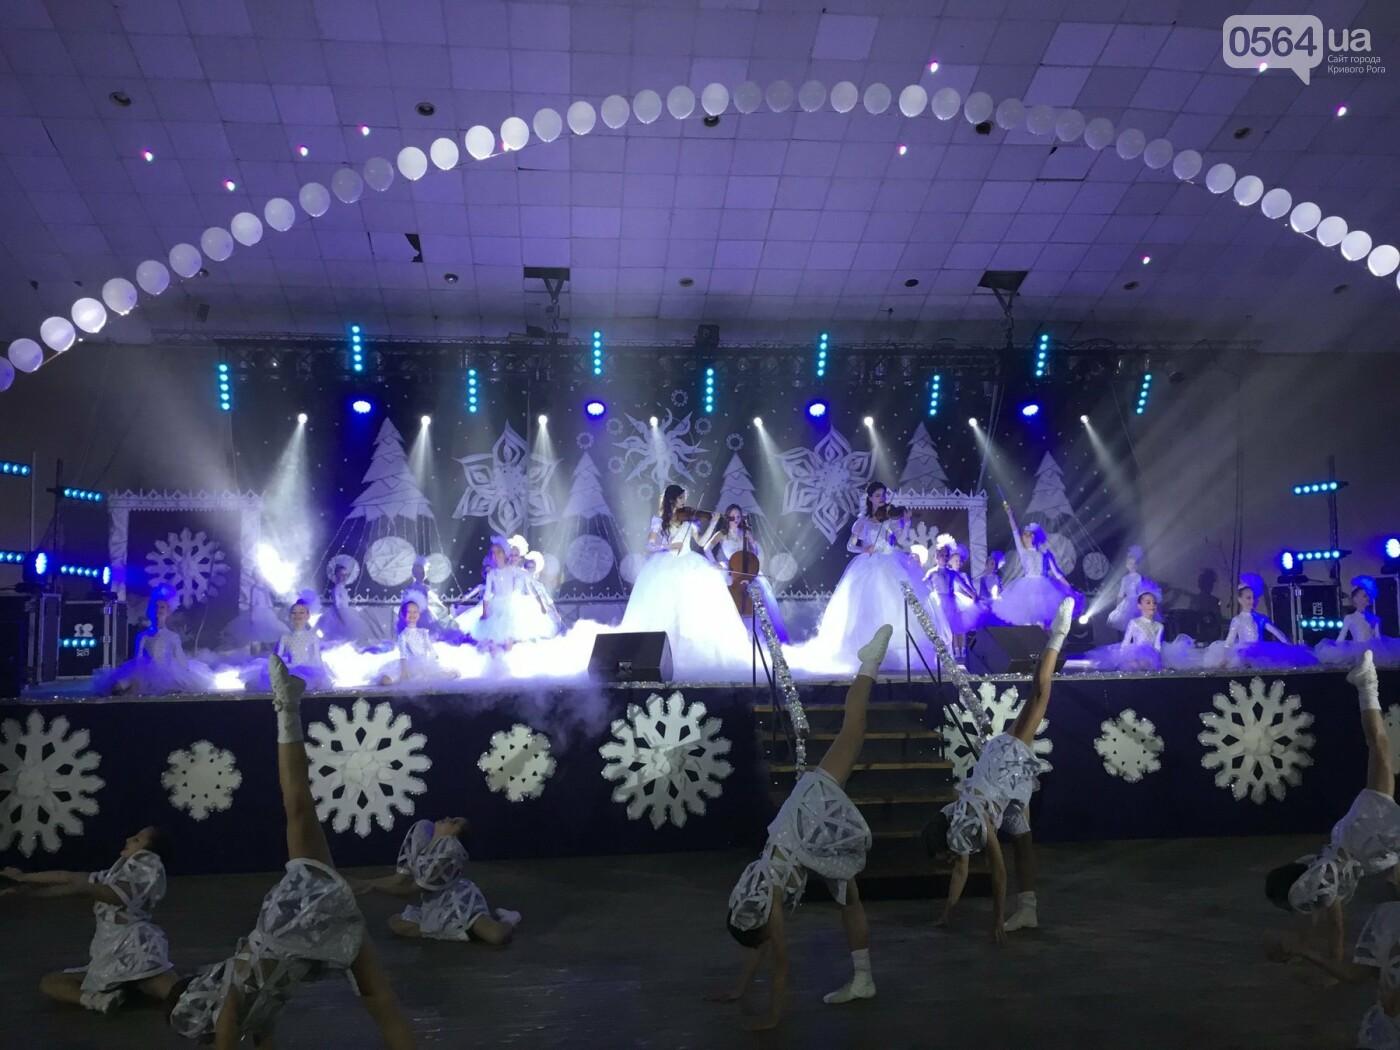 """В Кривом Роге на """"Главной елке"""" поздравили более 1,5 тысячи юных криворожан, - ФОТО, ВИДЕО, фото-14"""